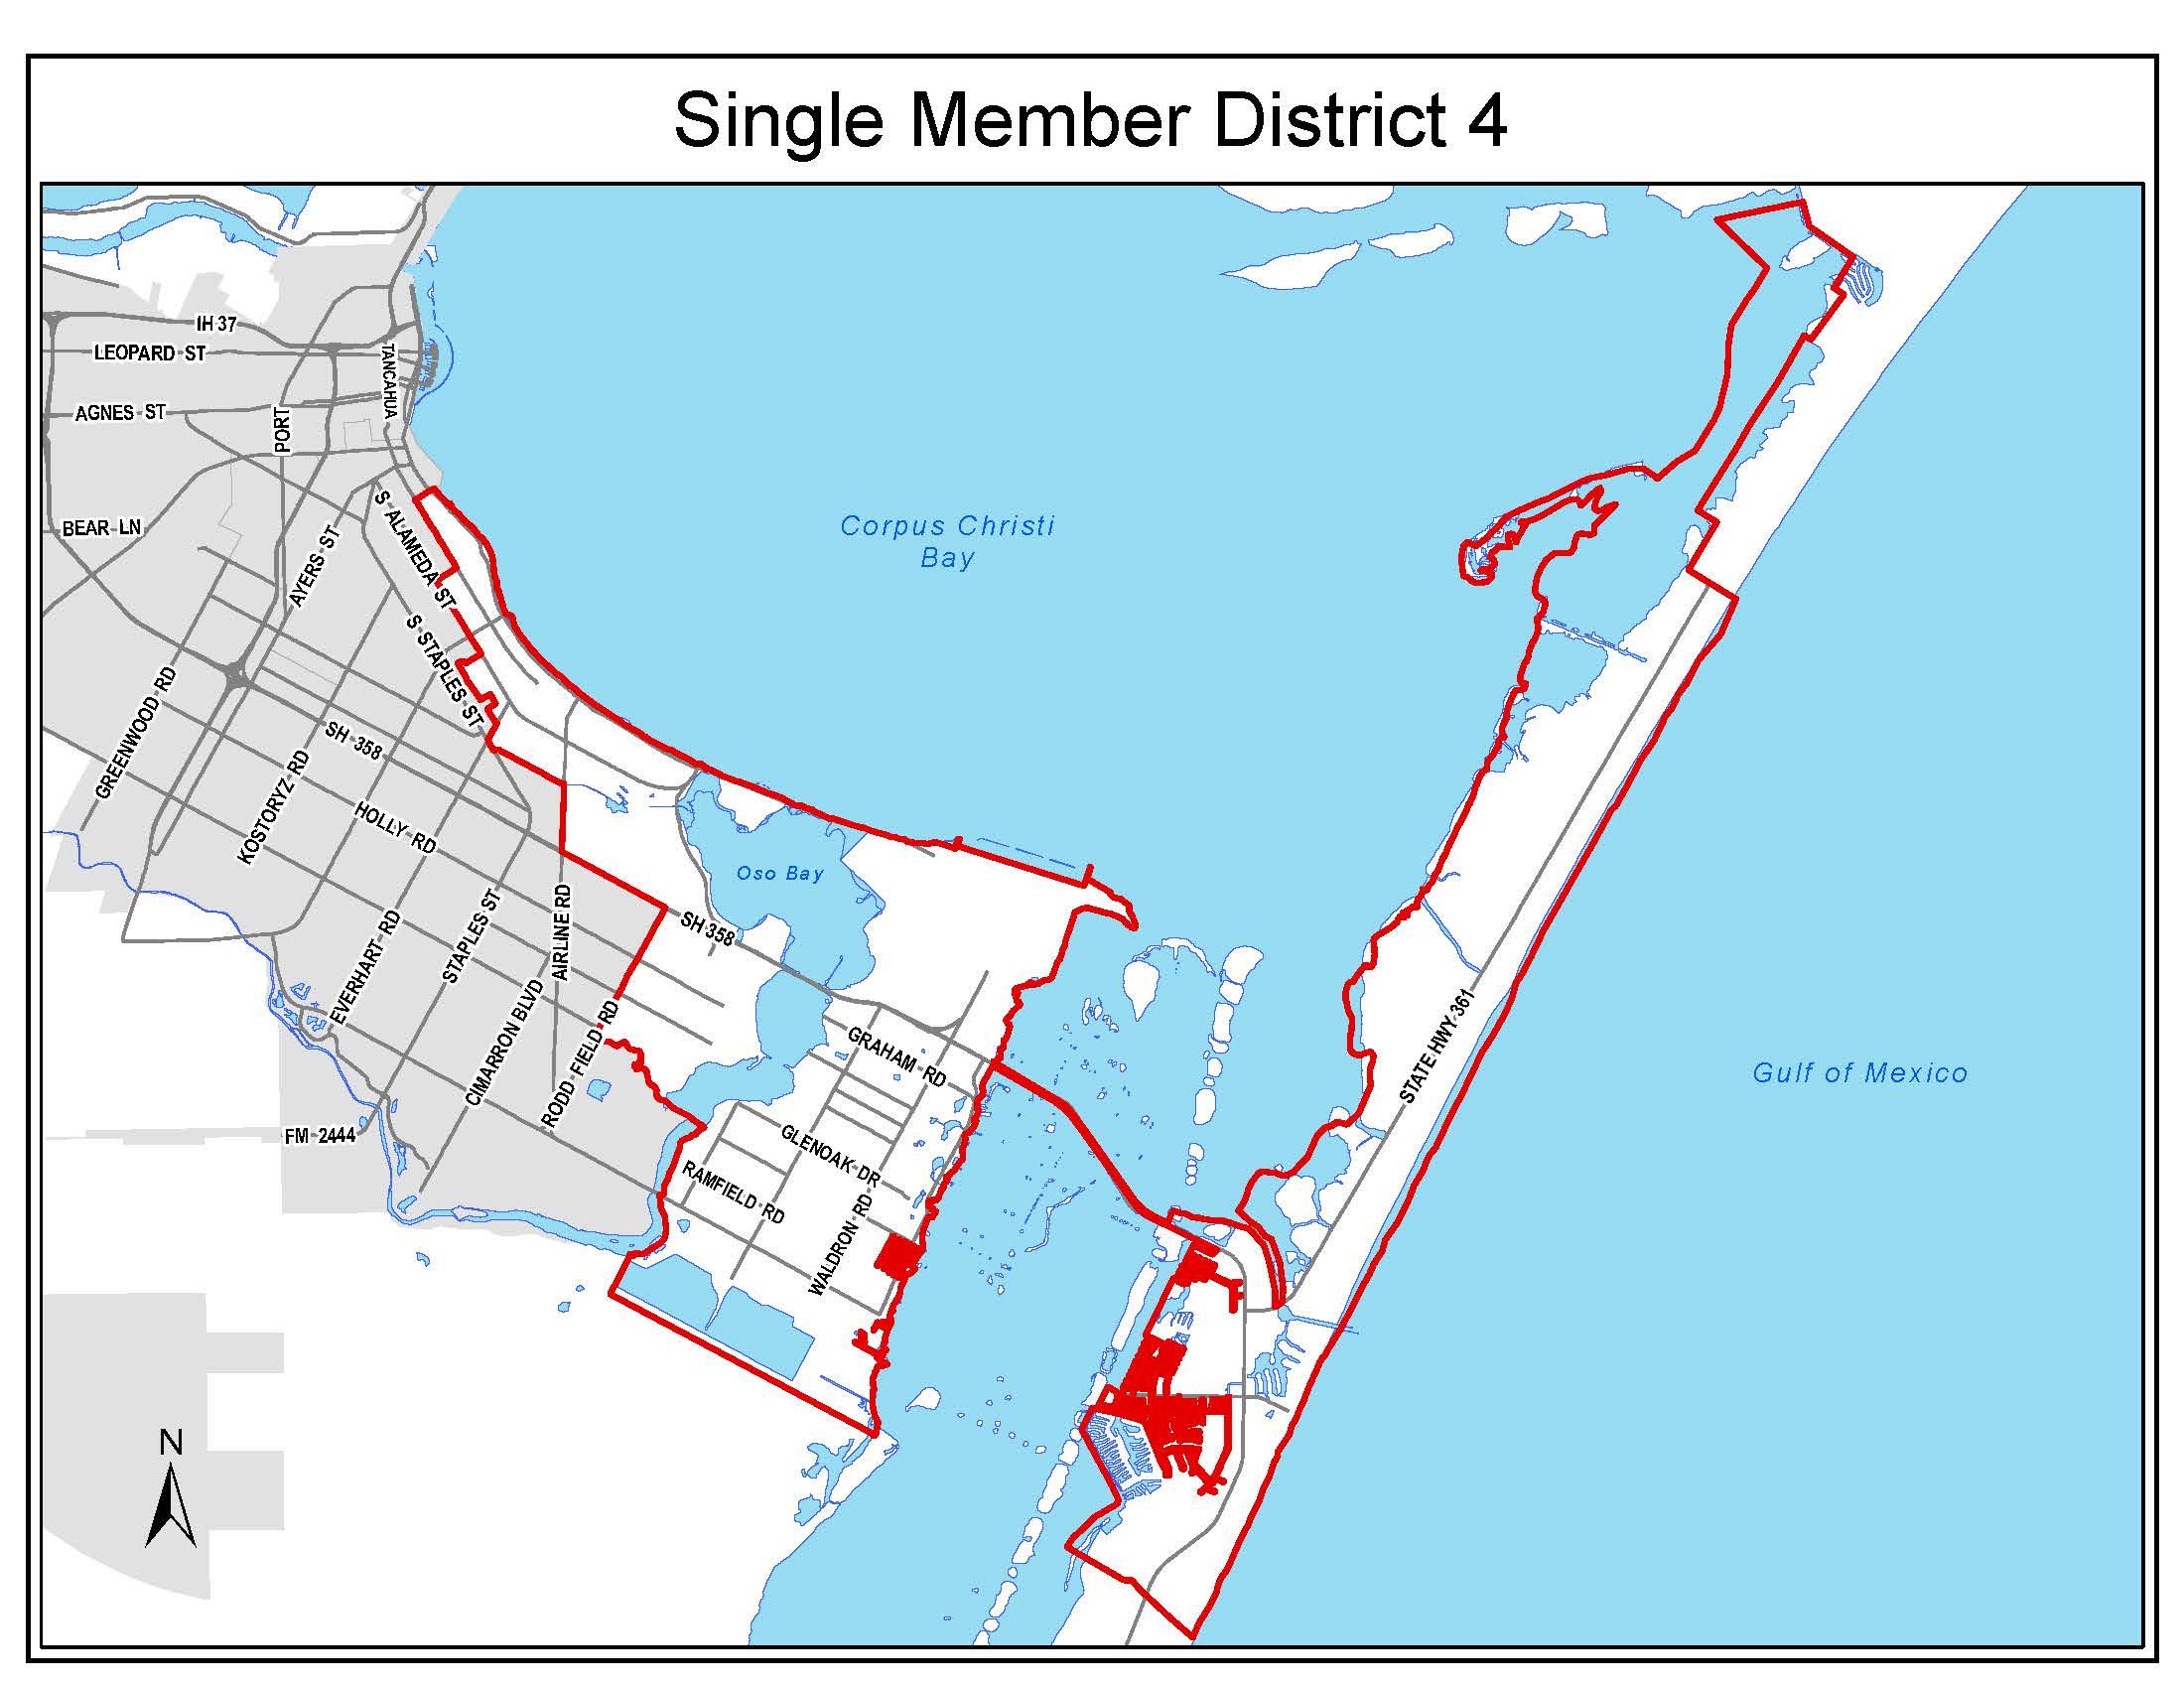 Council District 4 boundaries